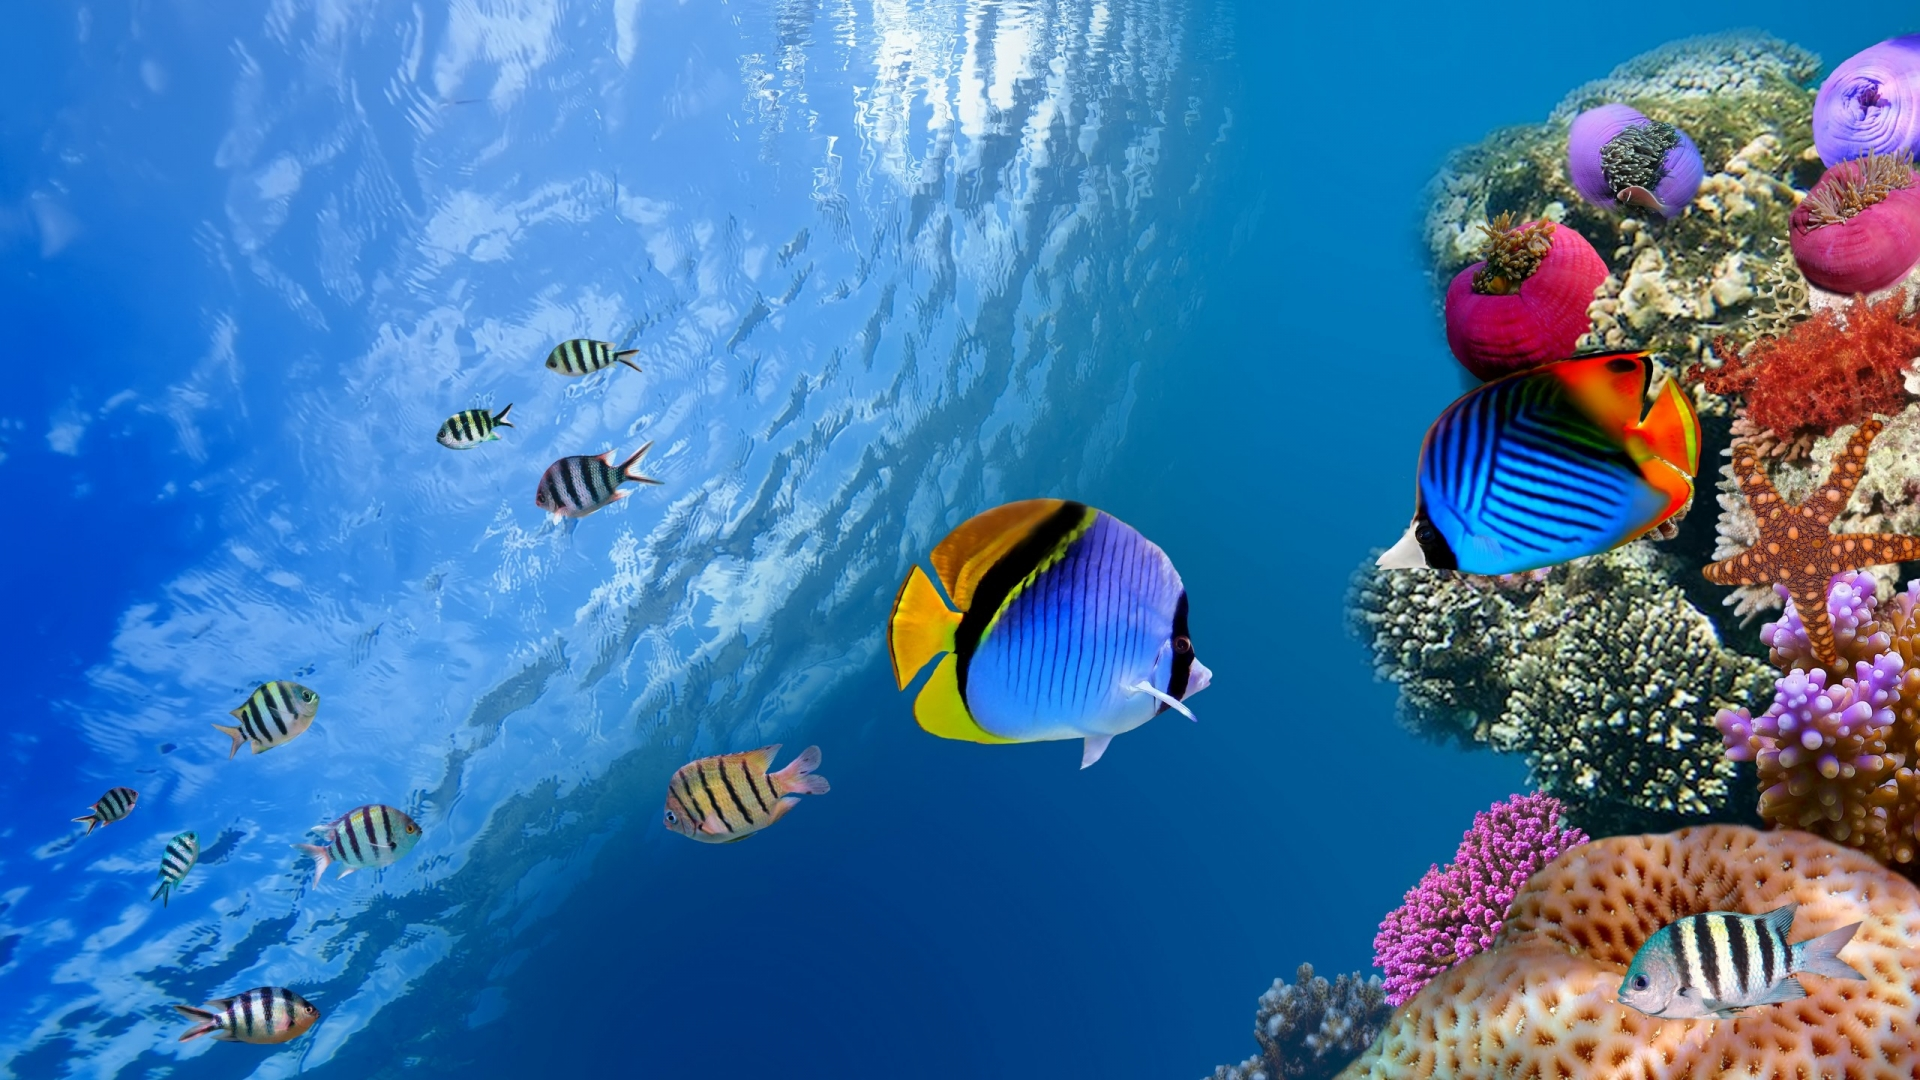 Ocean Wallpaper - Wallpaper, High Definition, High Quality, Widescreen